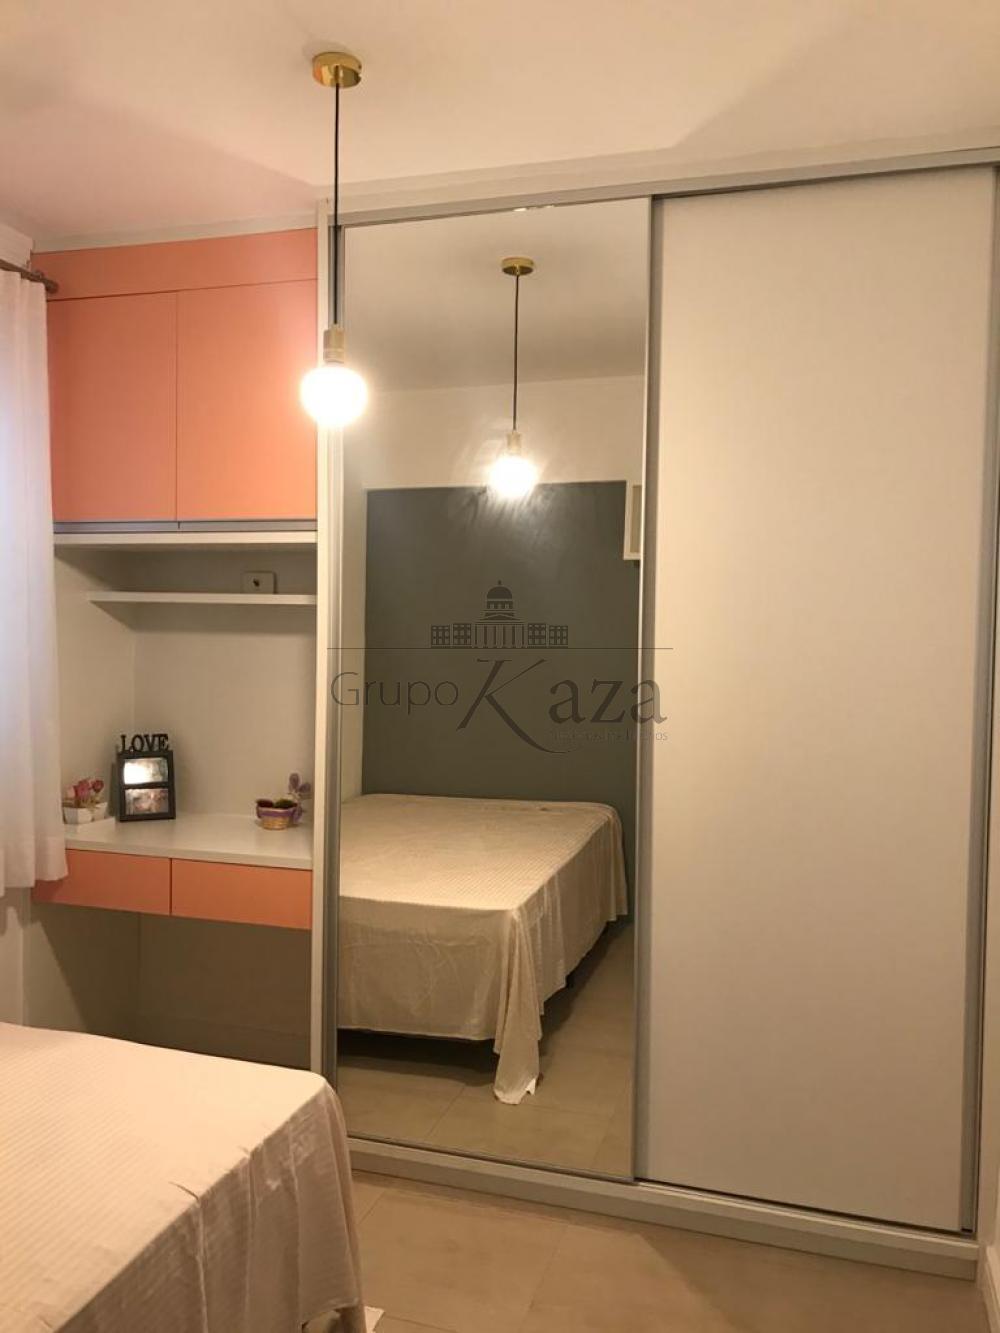 Comprar Apartamento / Padrão em São José dos Campos R$ 815.000,00 - Foto 18